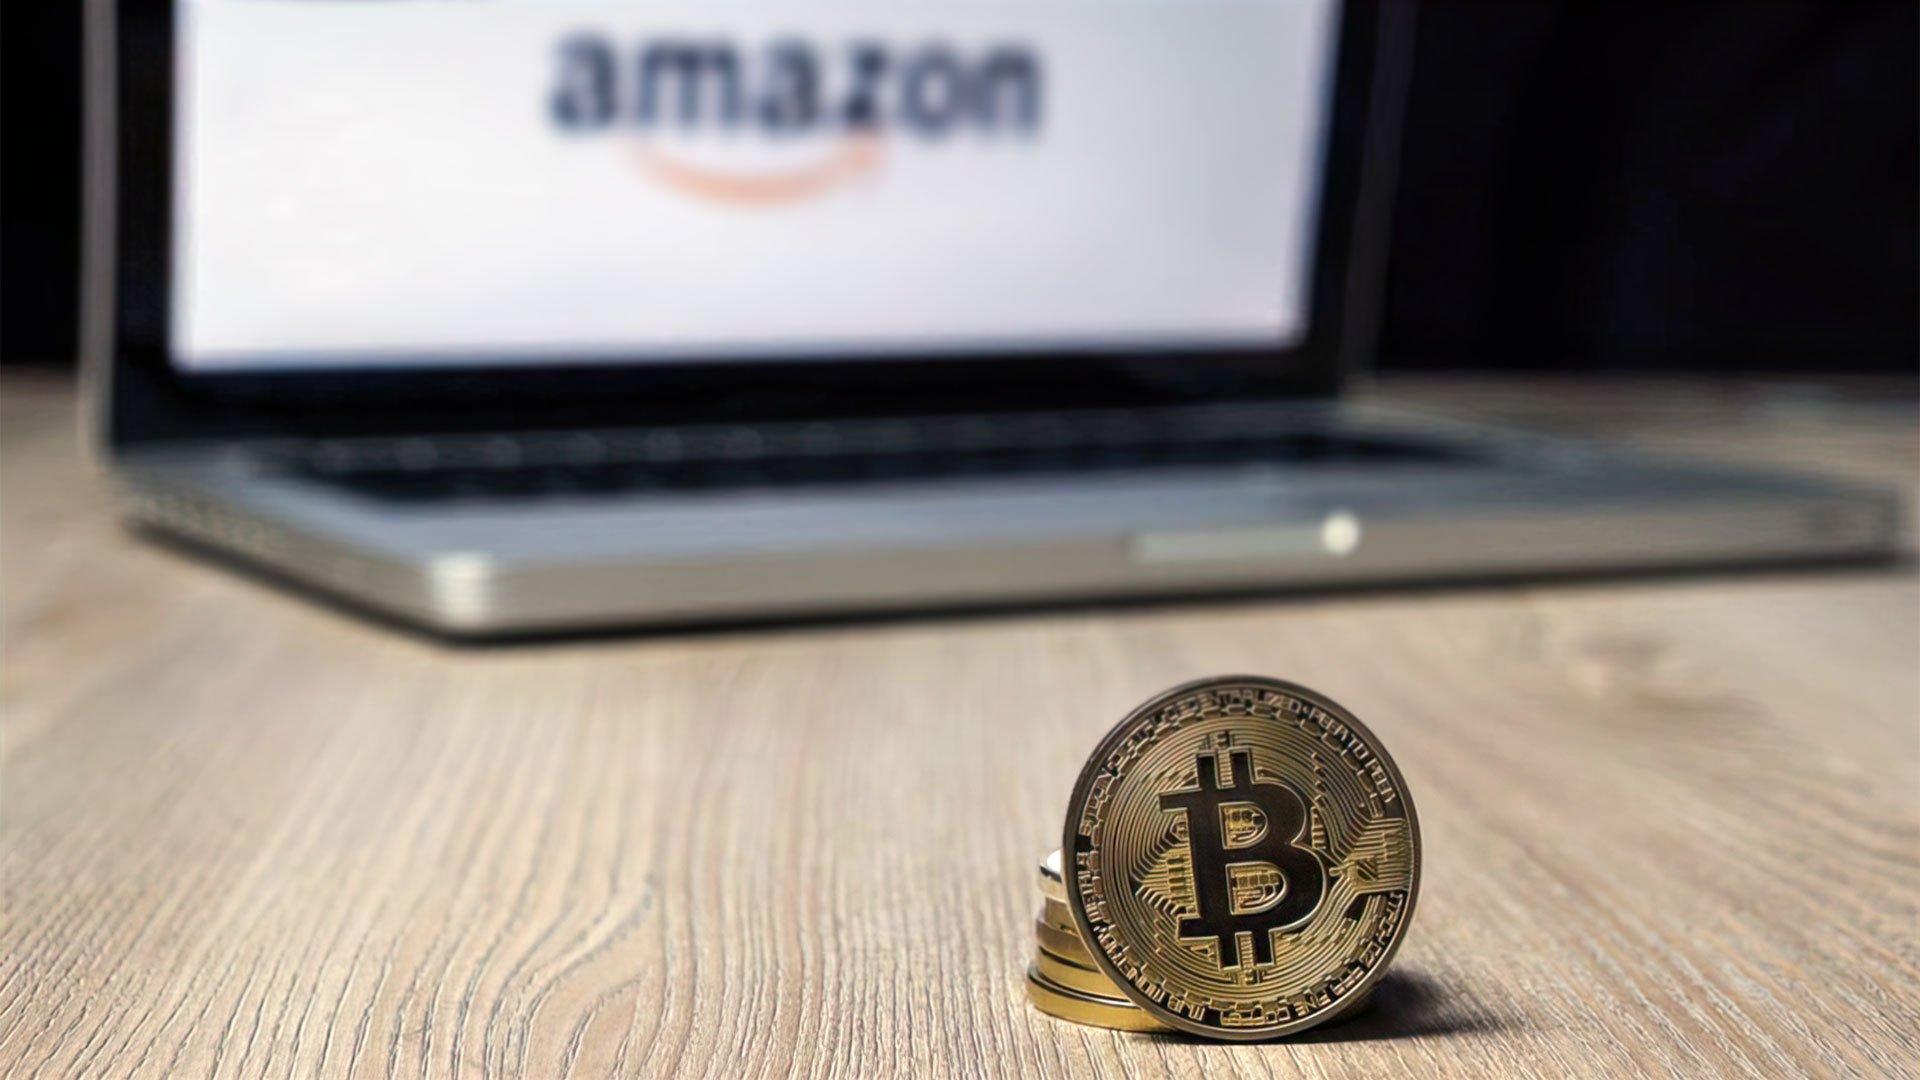 Уже в этом году Amazon может добавить поддержку платежей в BTC